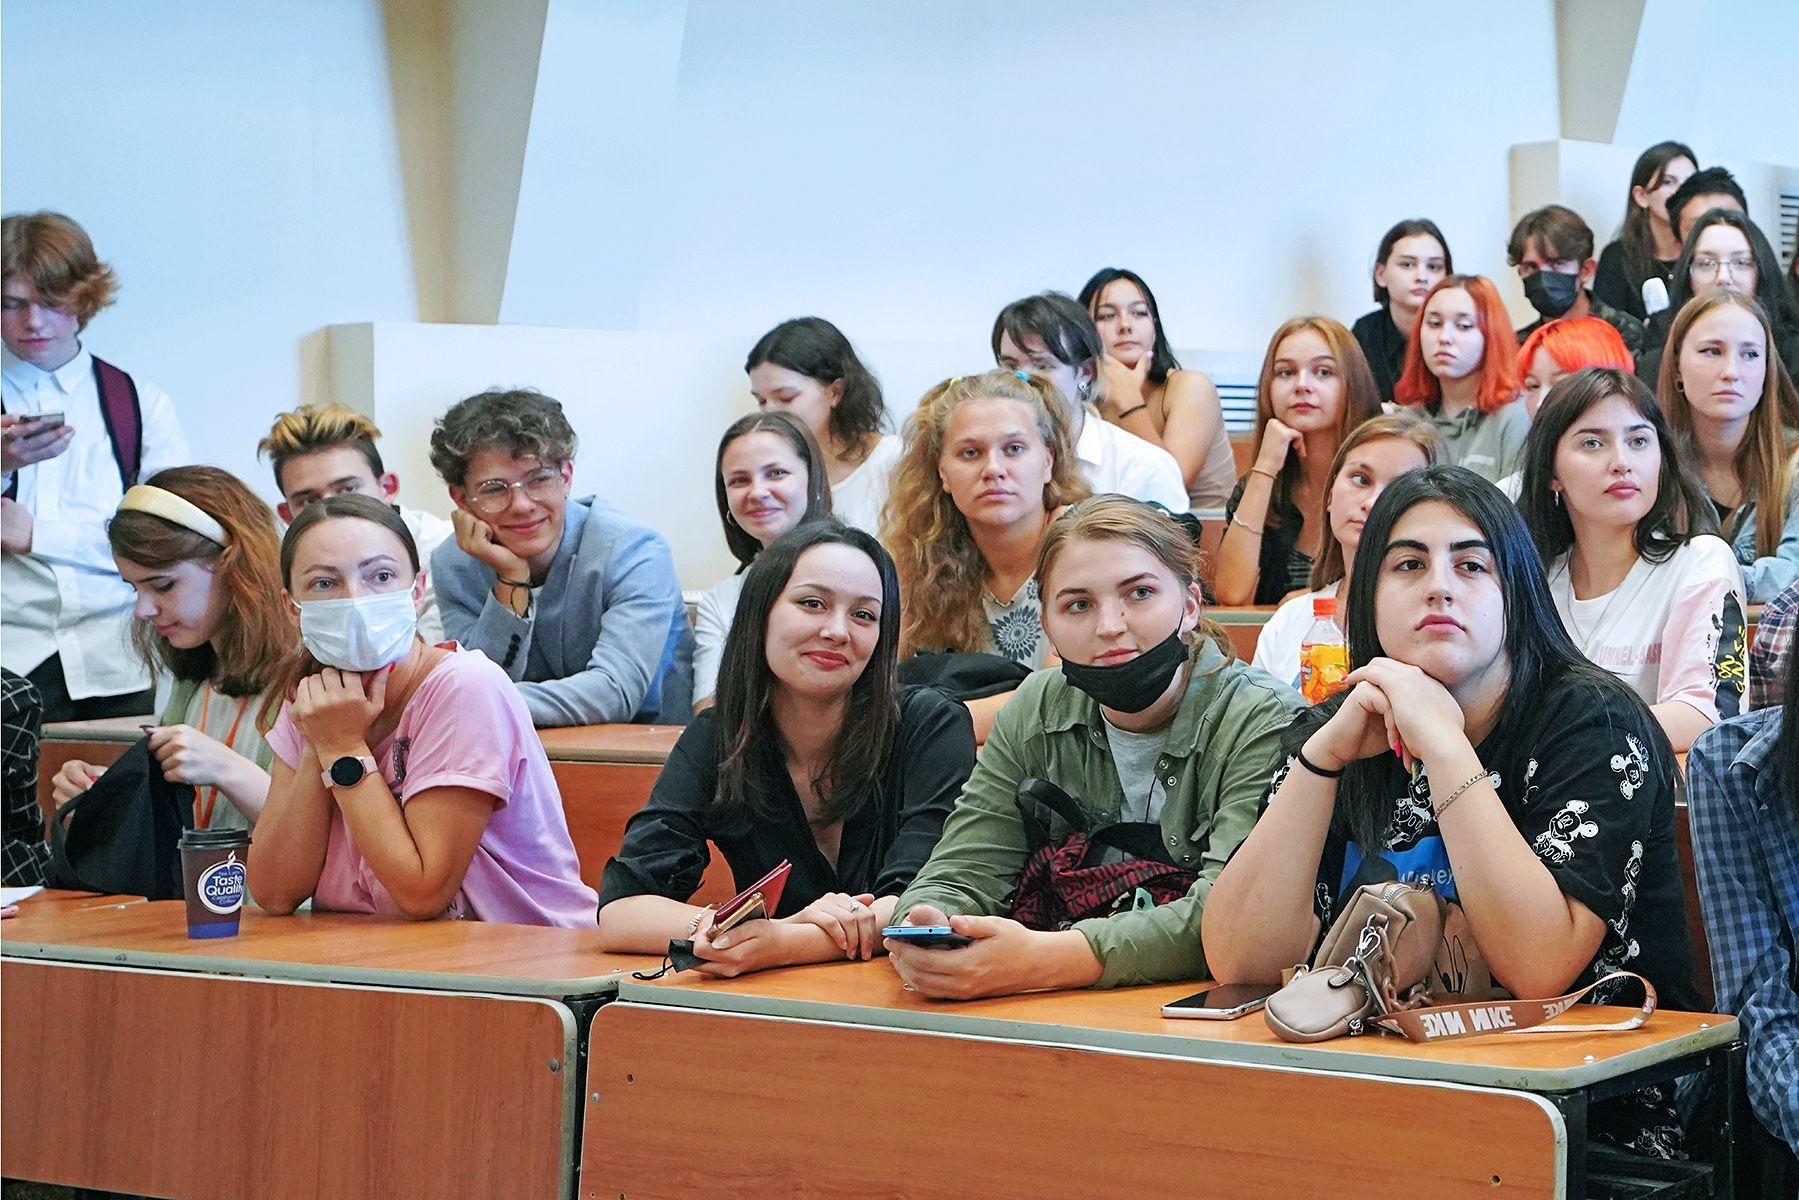 Флагман креативной индустрии региона: первокурсники выбрали Колледж индустрии моды и красоты ВГУЭС